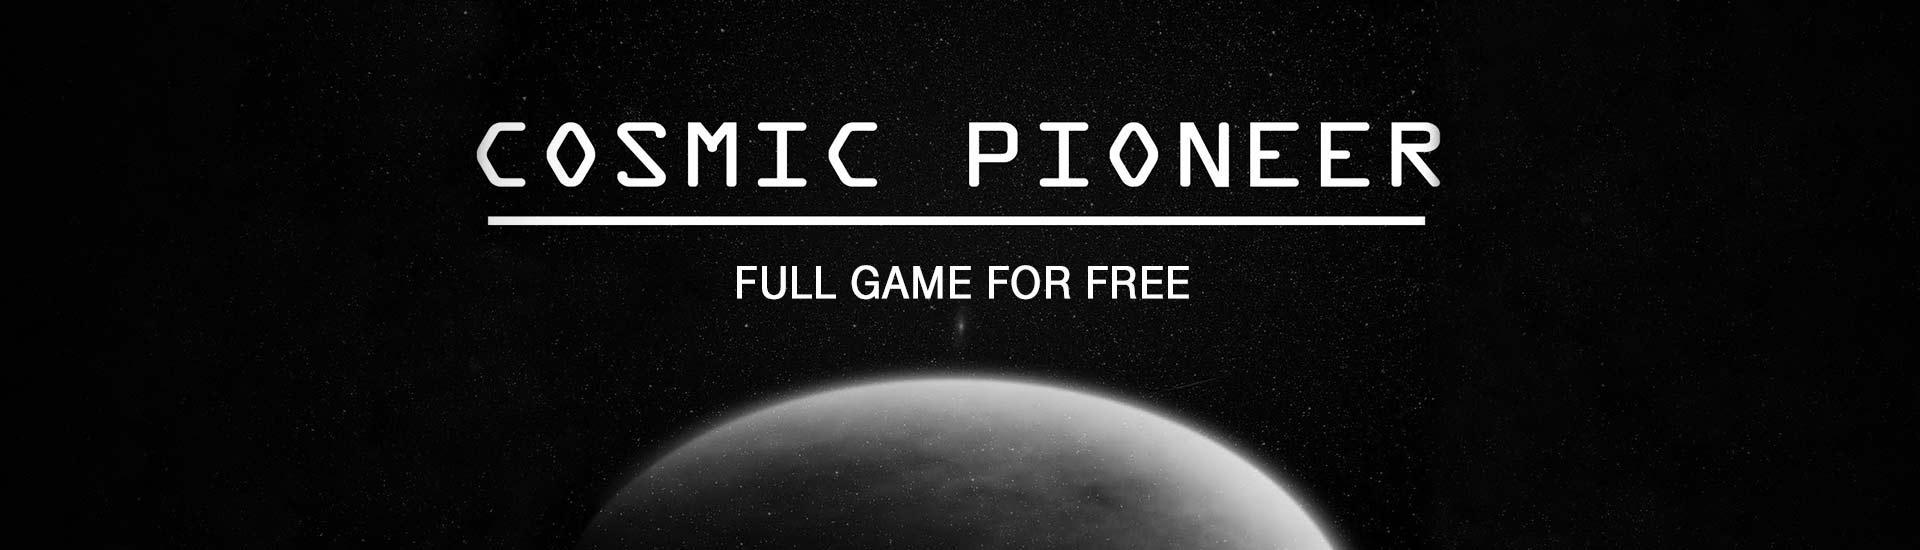 Cosmic Pioneer cover